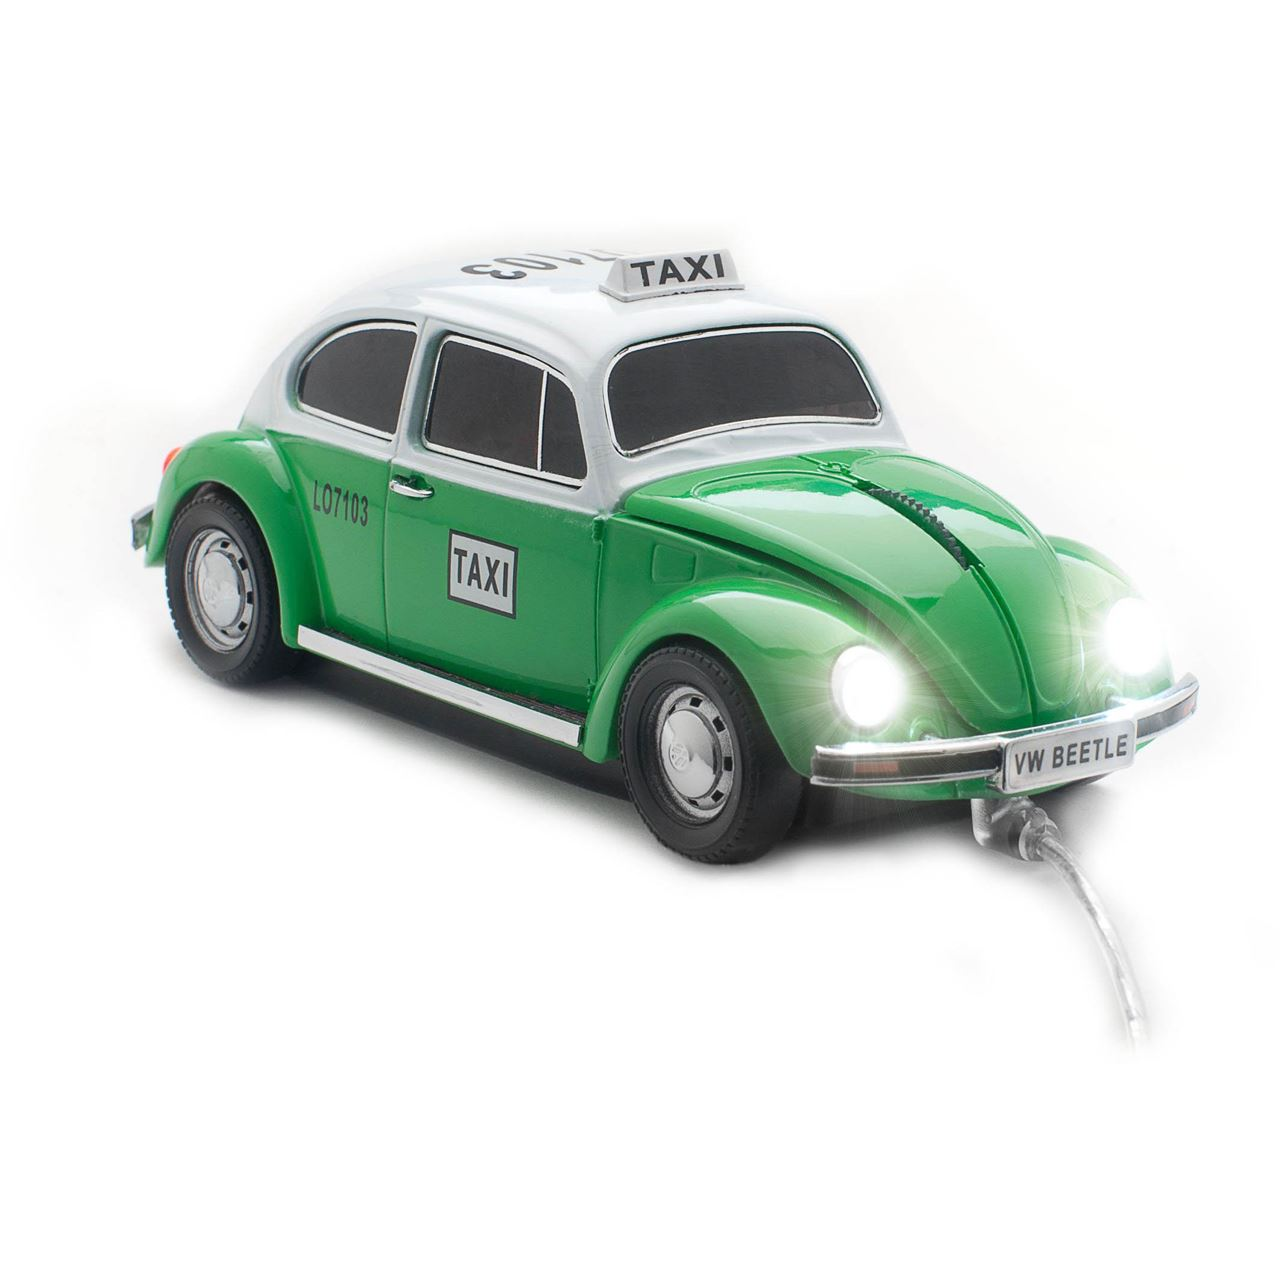 sunny trade car mouse vw beetle mexico taxi oldtimer usb gruen kabelgebunden. Black Bedroom Furniture Sets. Home Design Ideas